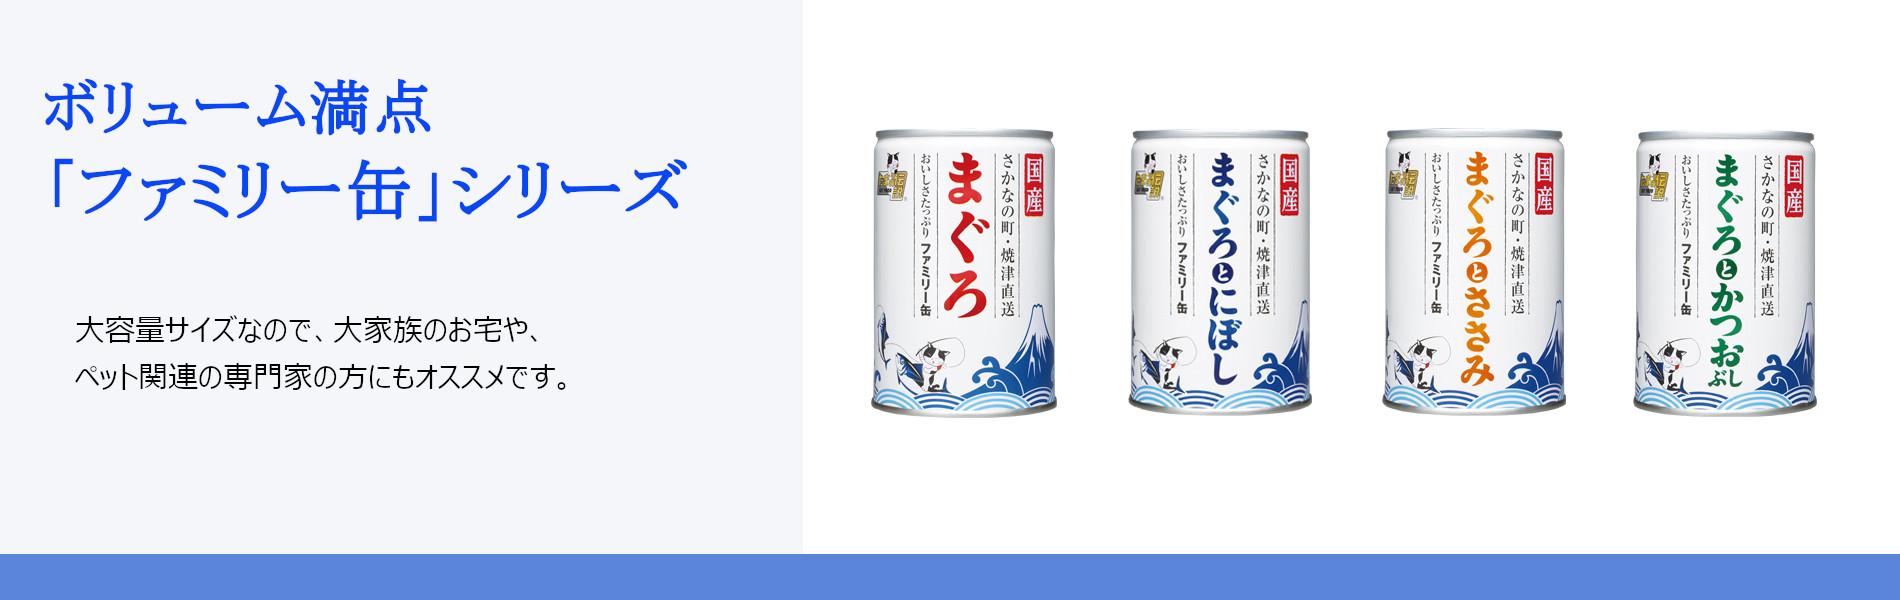 「たまの伝説」ファミリー缶シリーズ